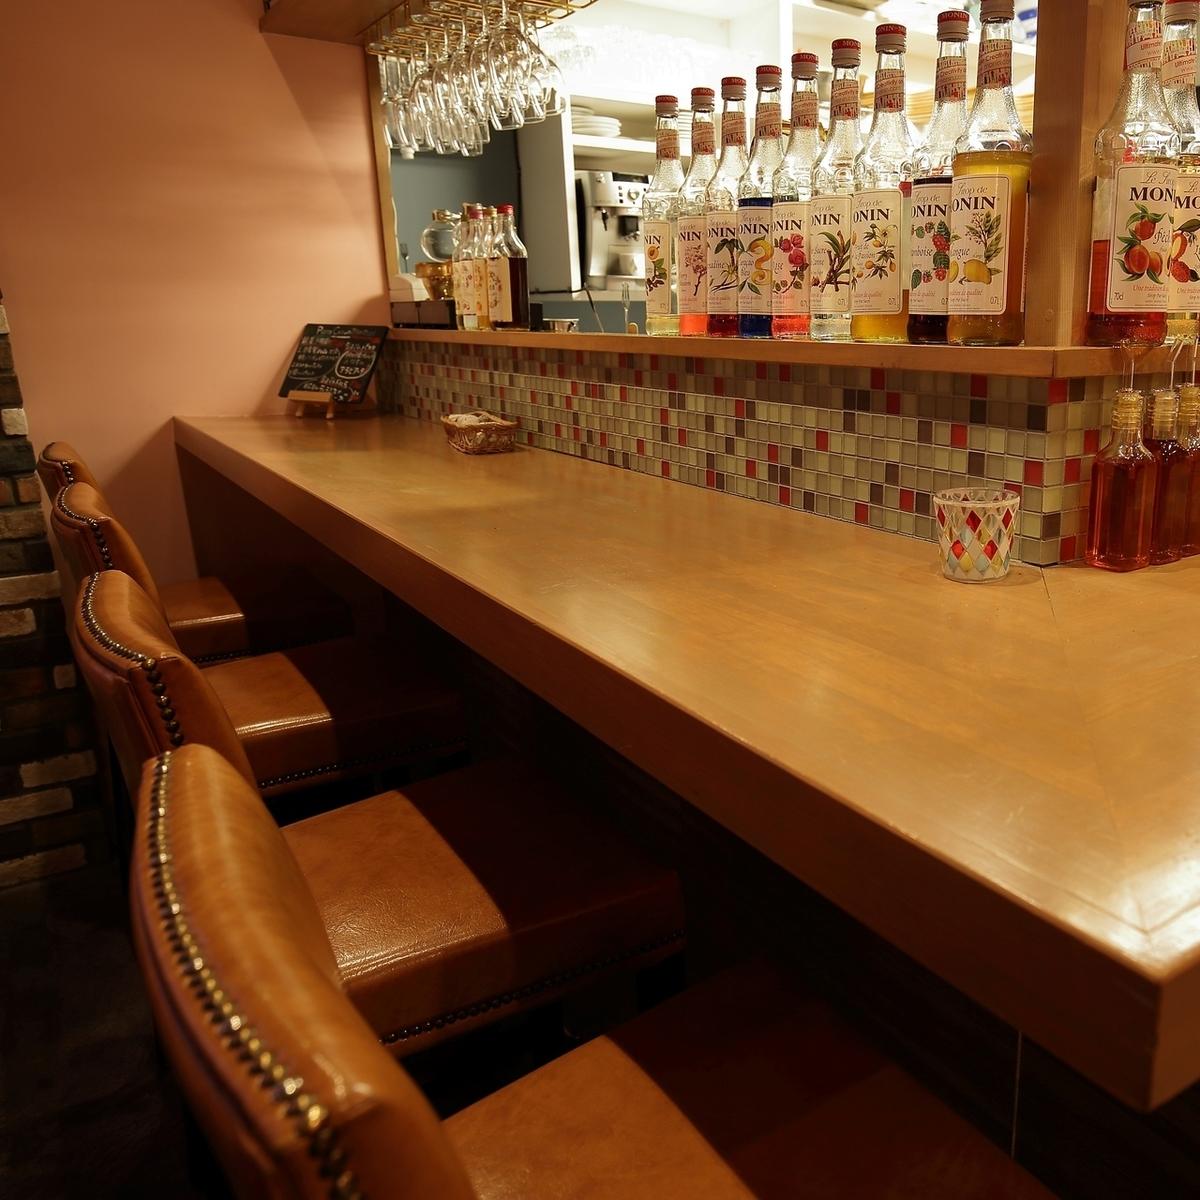 我們在開放式廚房的櫃檯座位上供應正宗美食和飲品!因為我們可以與披薩工匠和調酒師交談,所以它非常適合單獨飲用☆